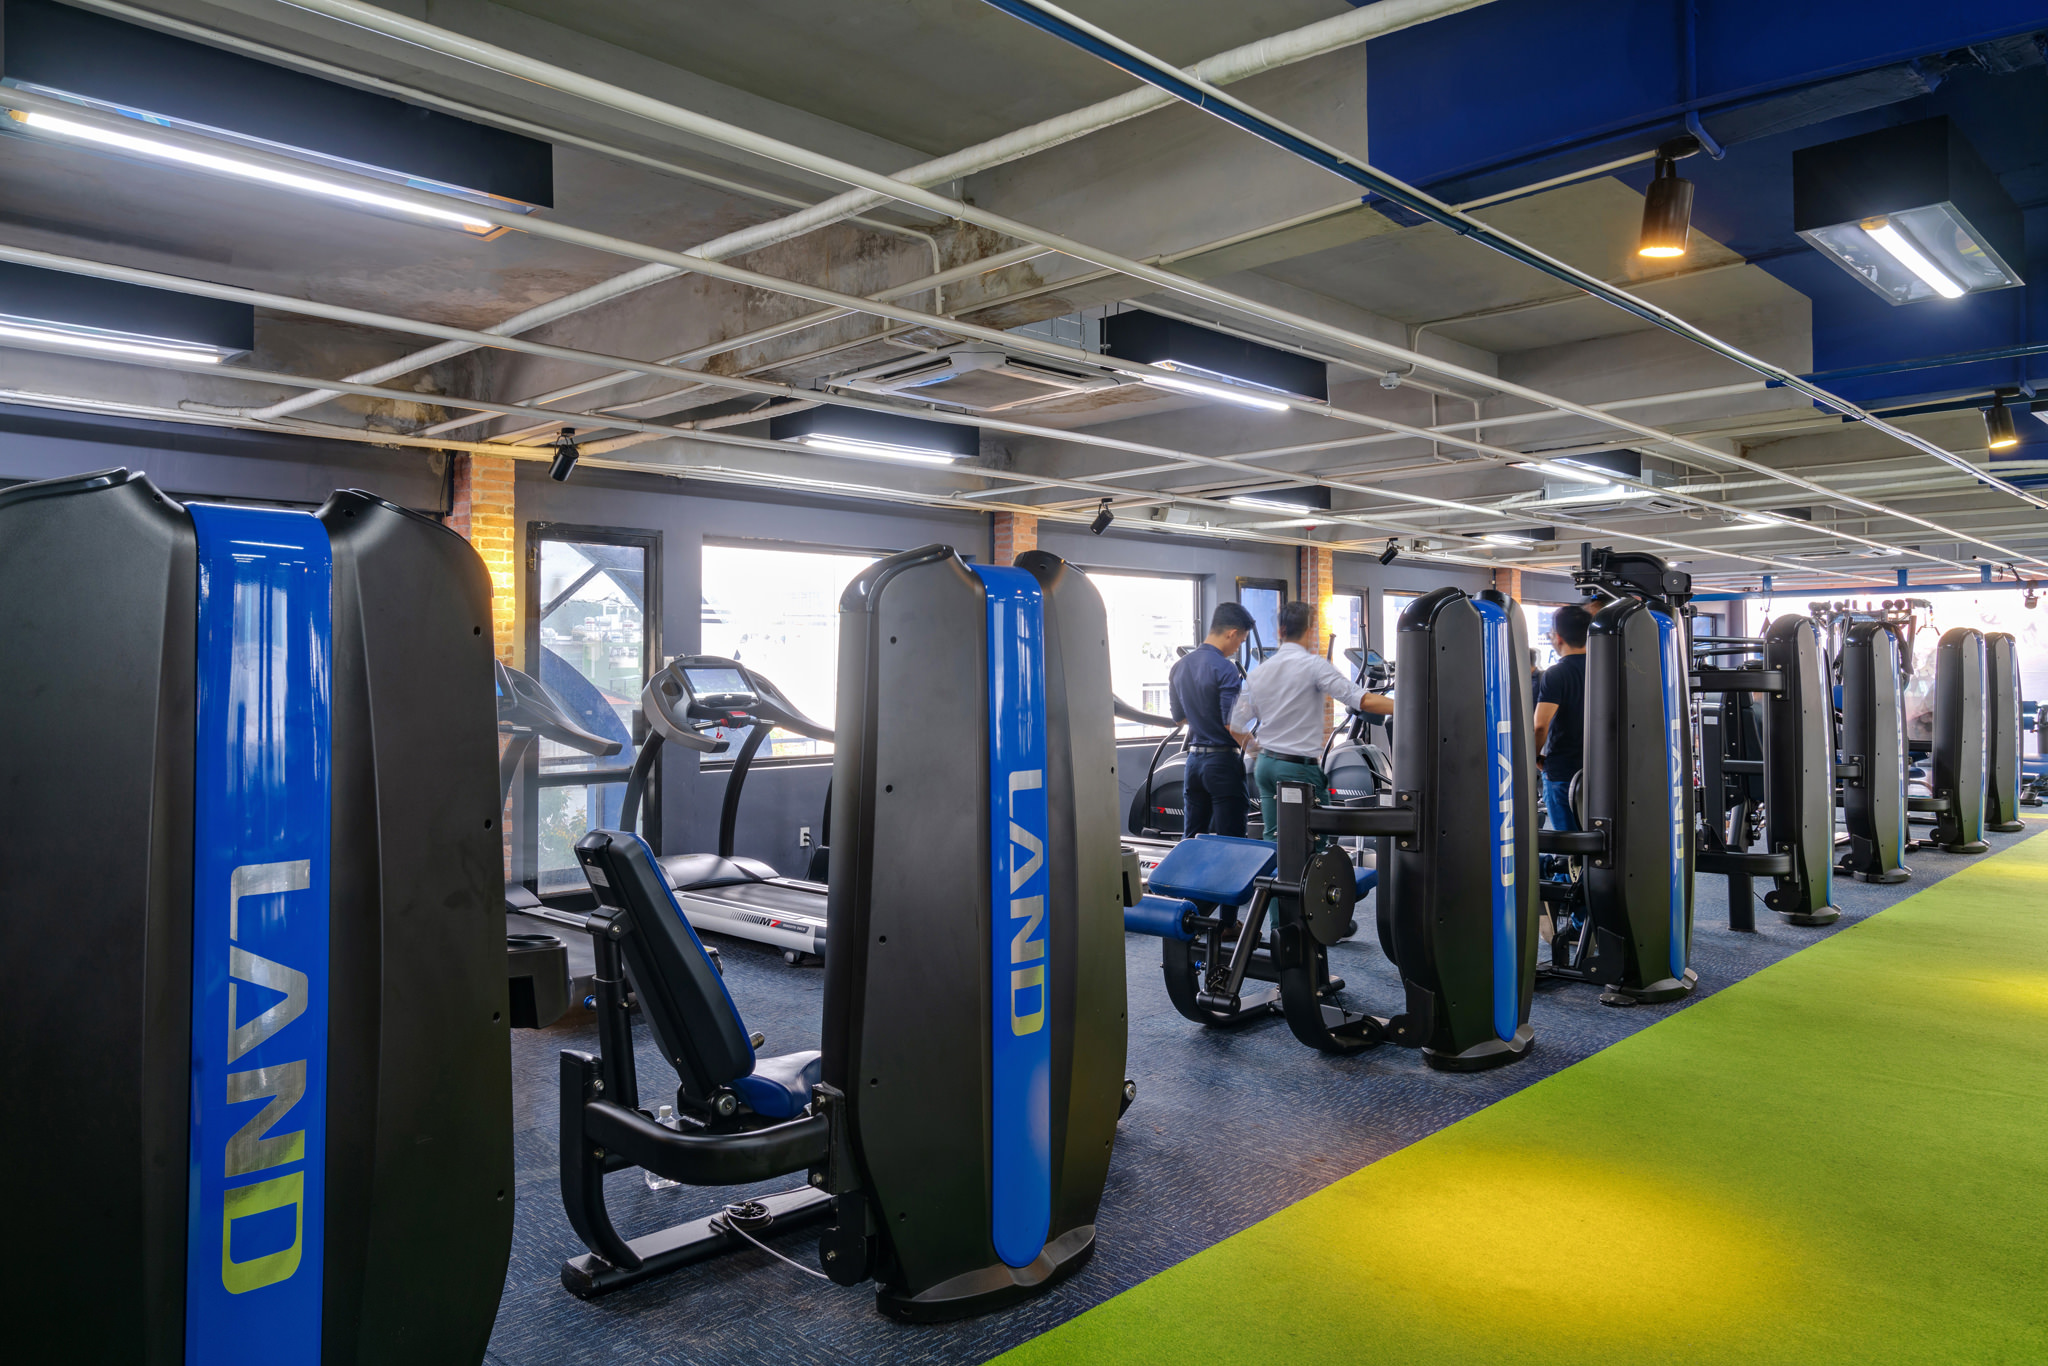 20180504 - Fox fitness - Interior - 08.jpg